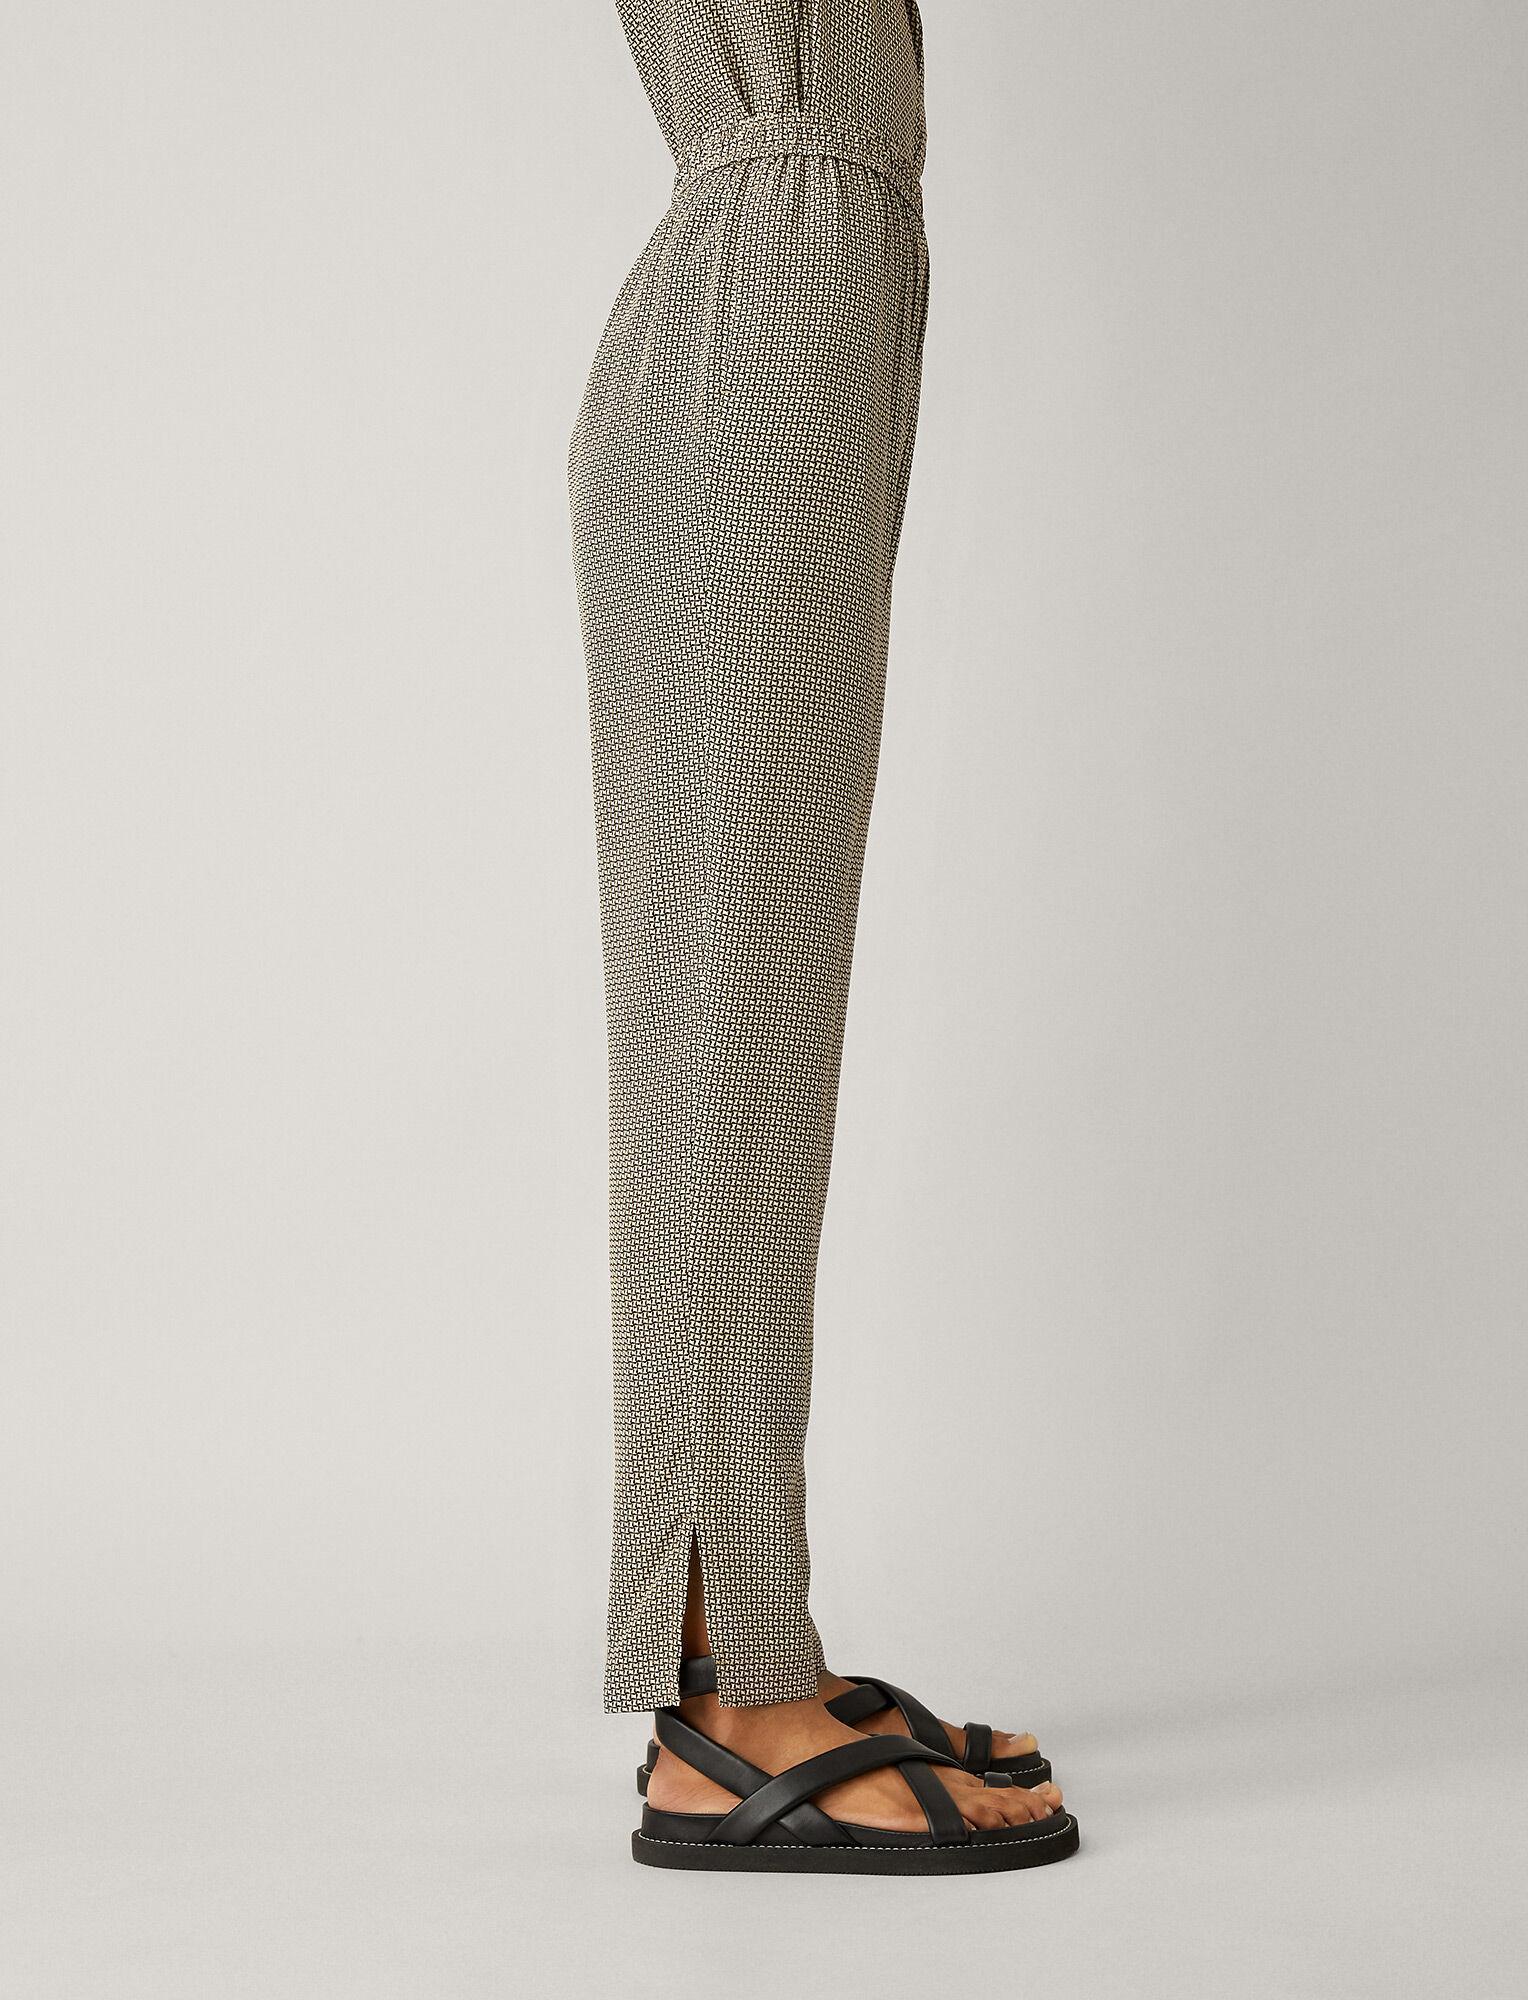 Hurley trouser Cravate print